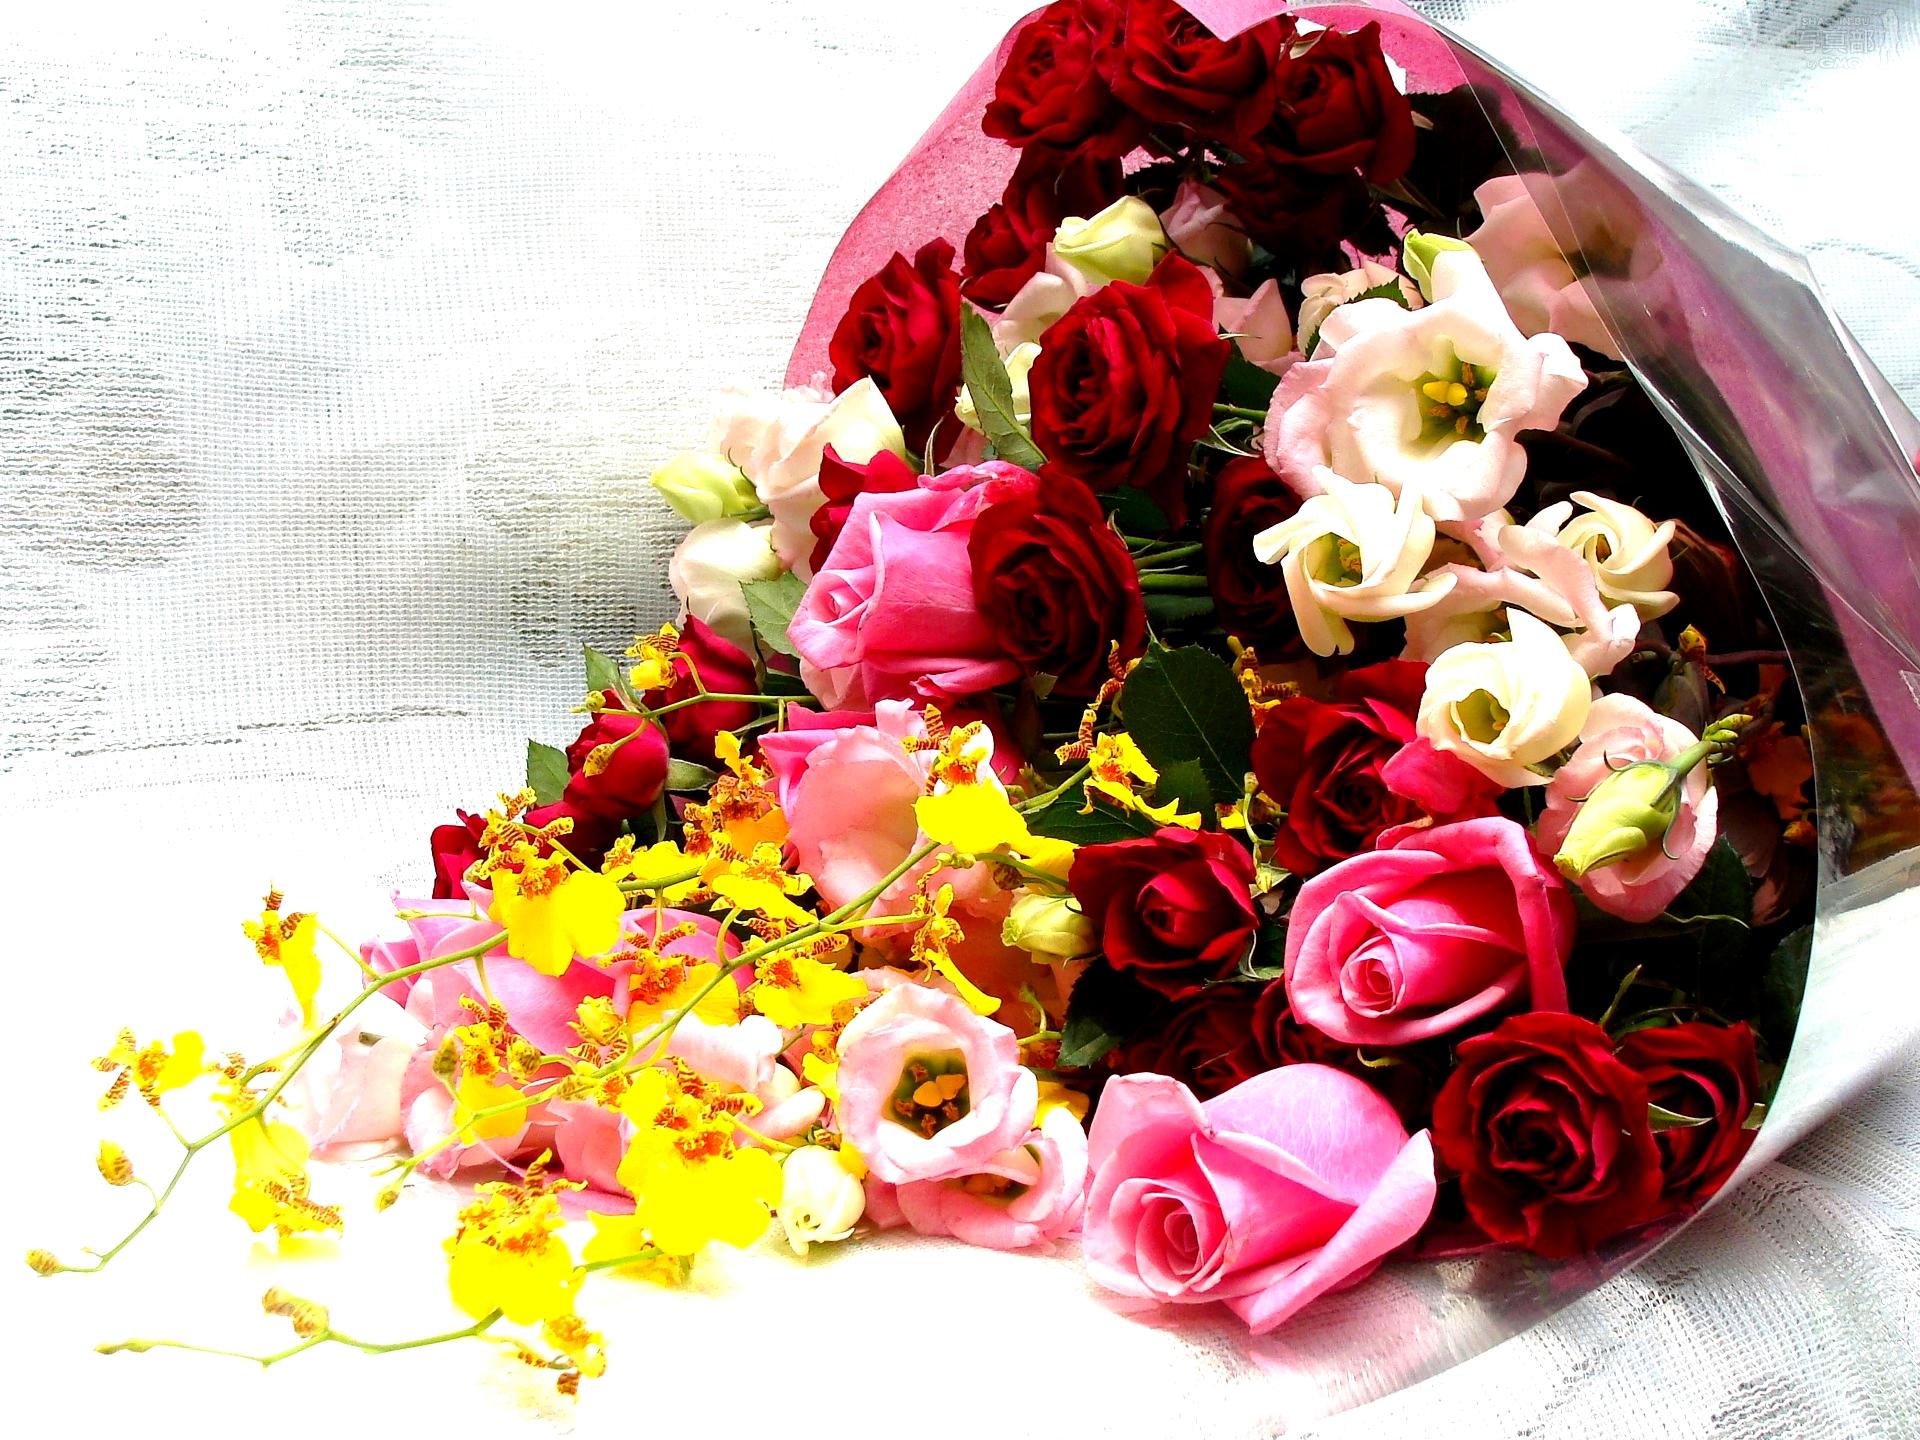 Flowers Bouquet HD Wallpaper